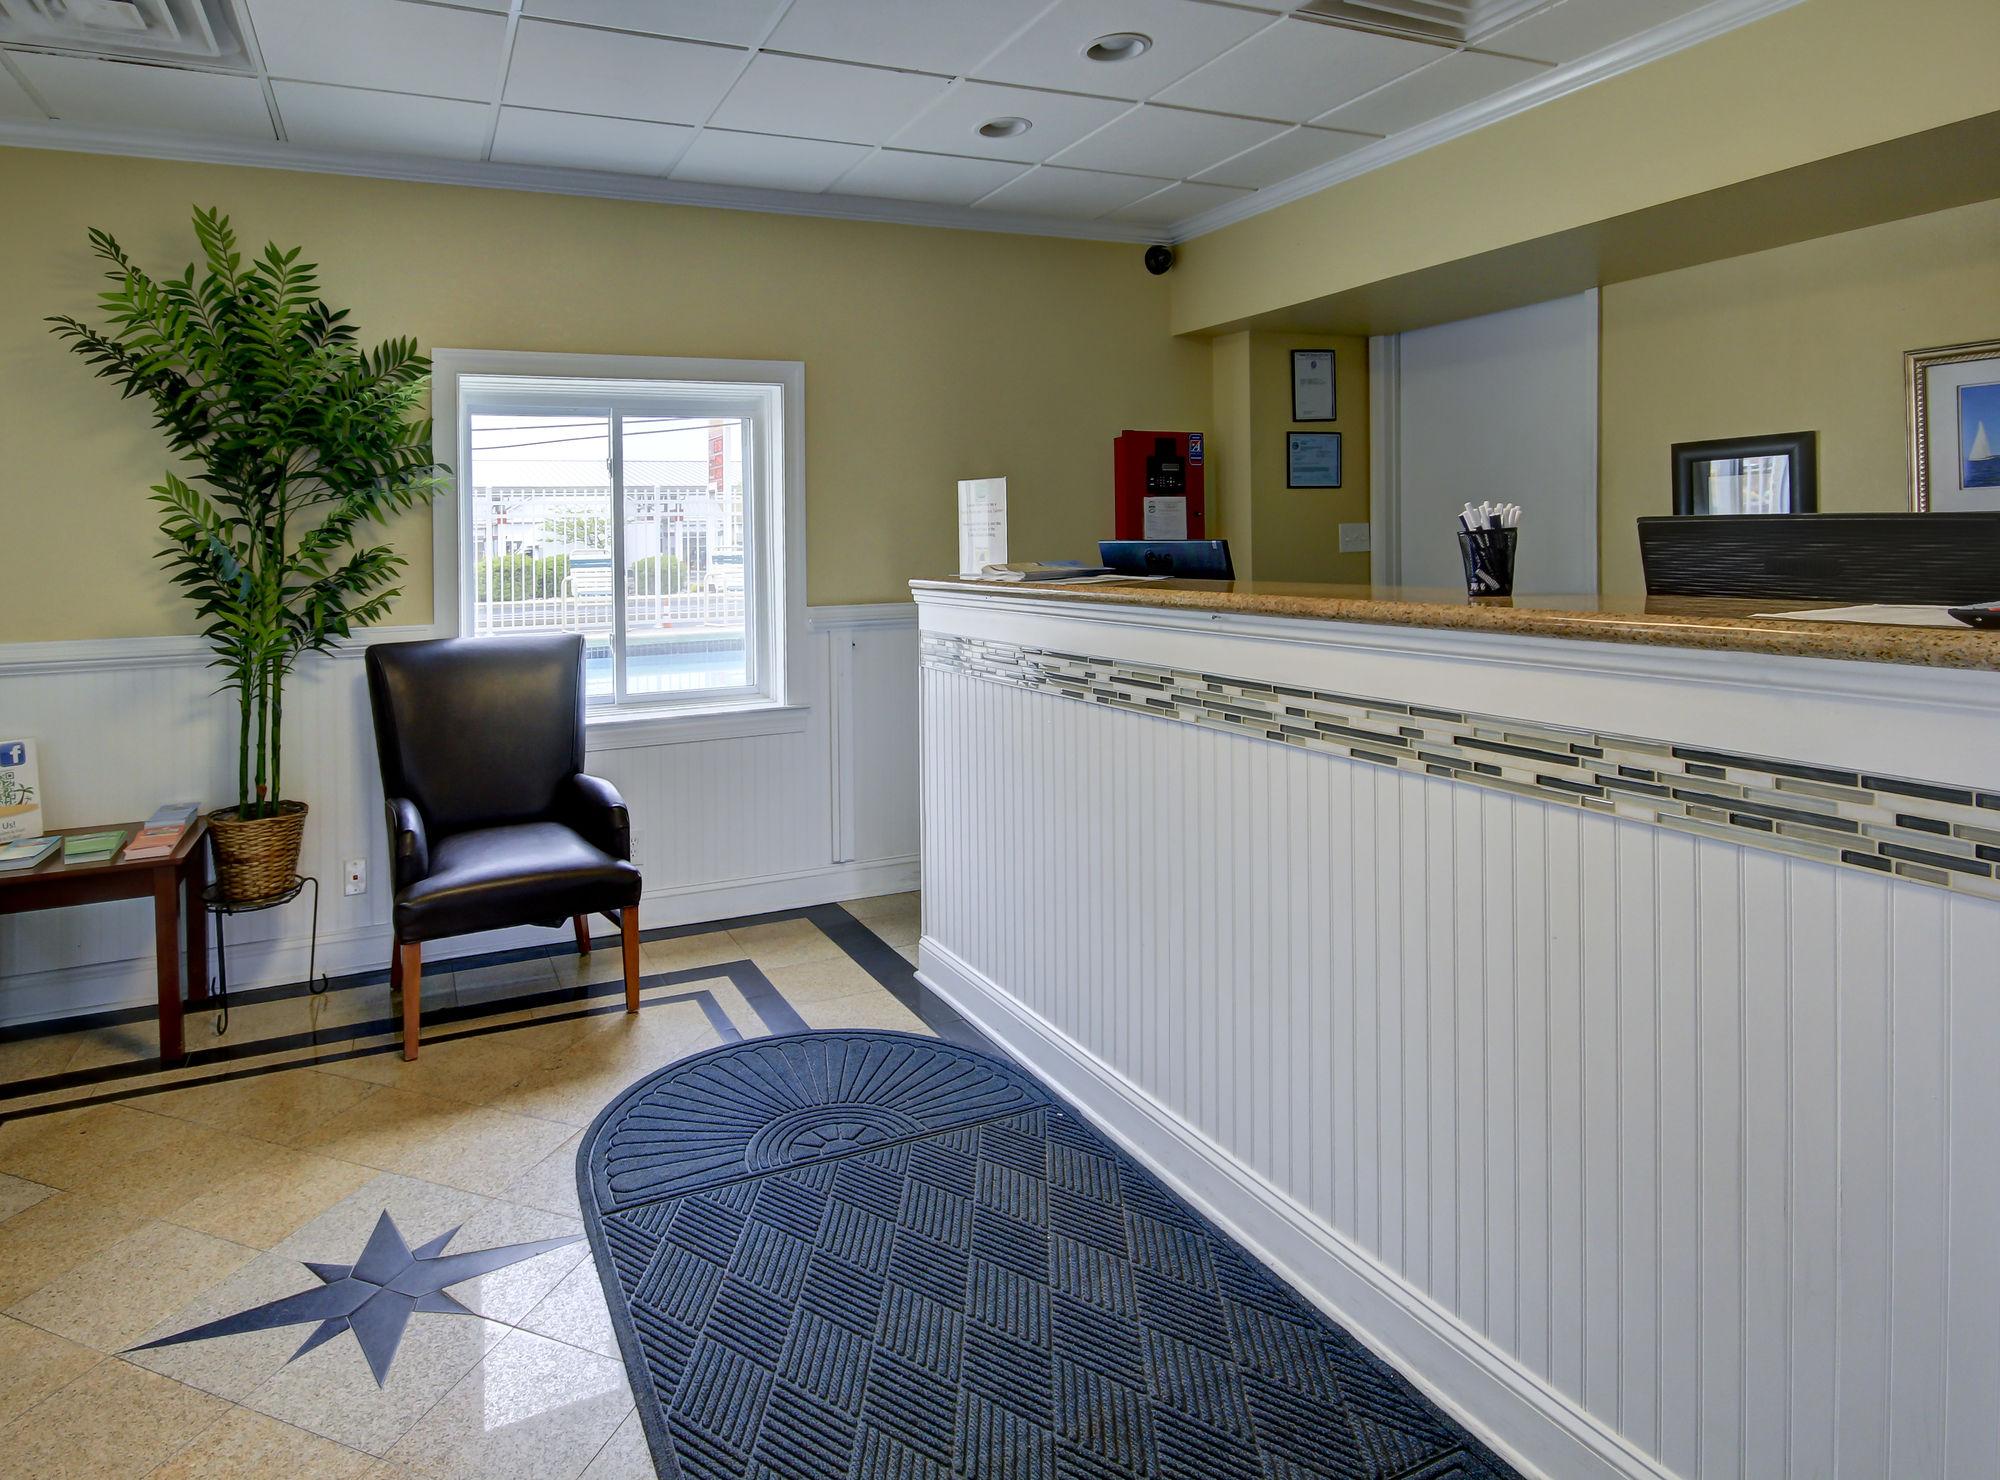 Coastal Palms Inn & Suites